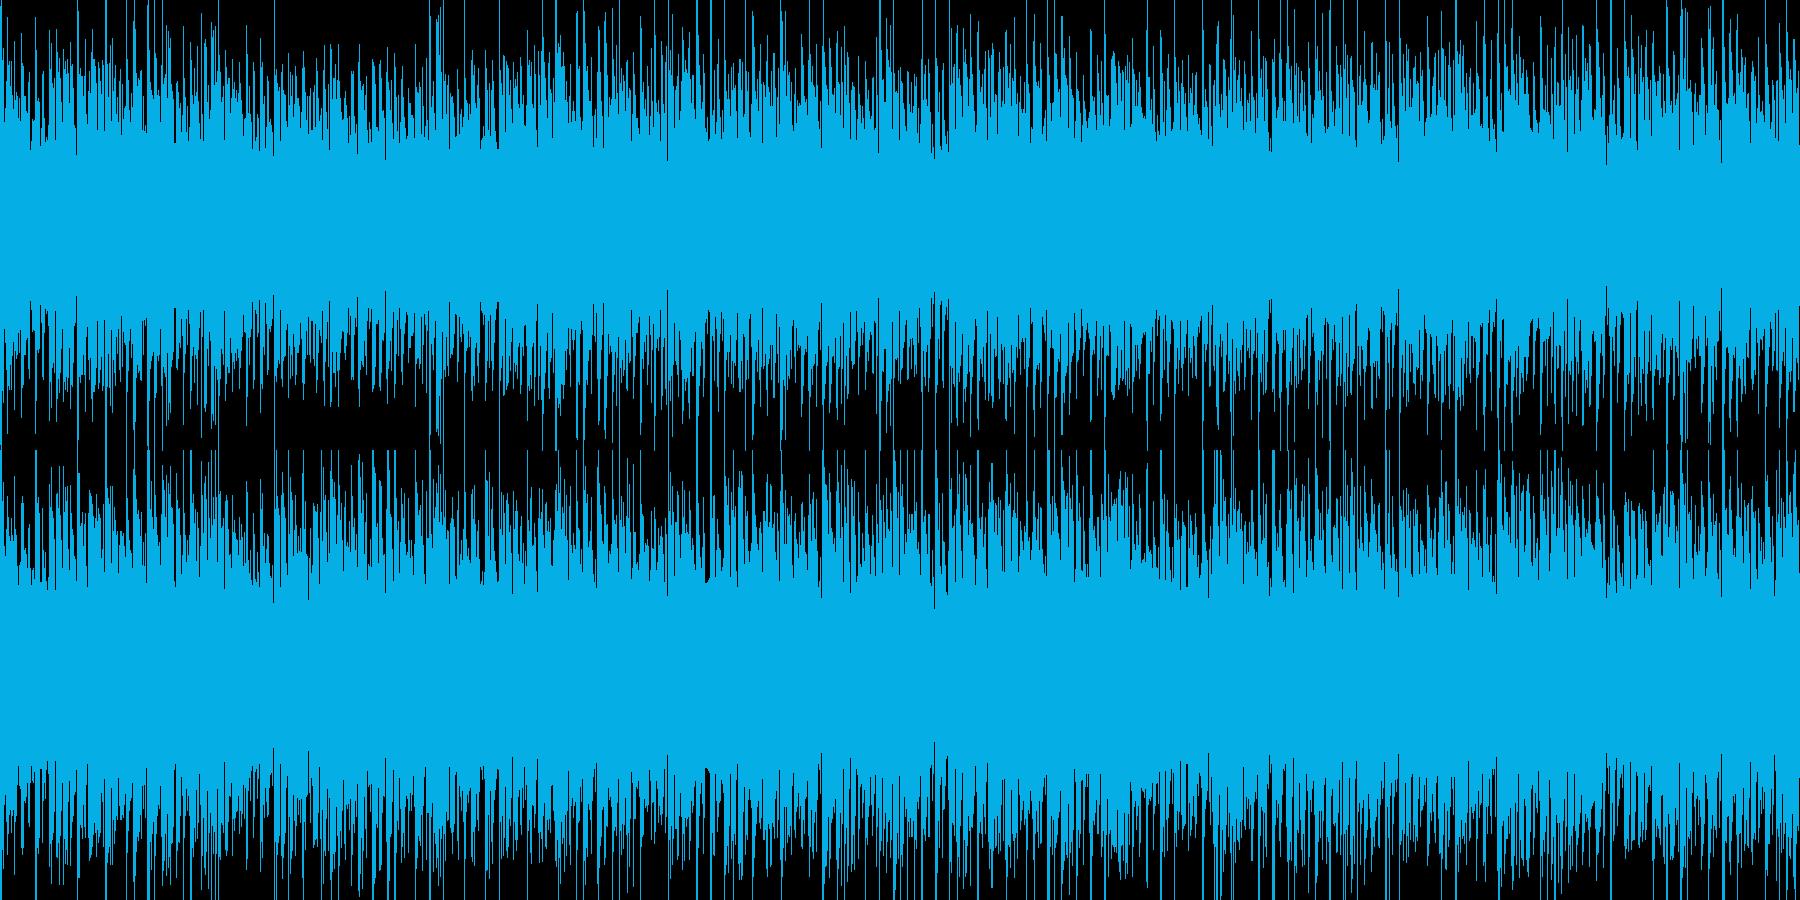 浮遊感のある宇宙っぽいBGMの再生済みの波形